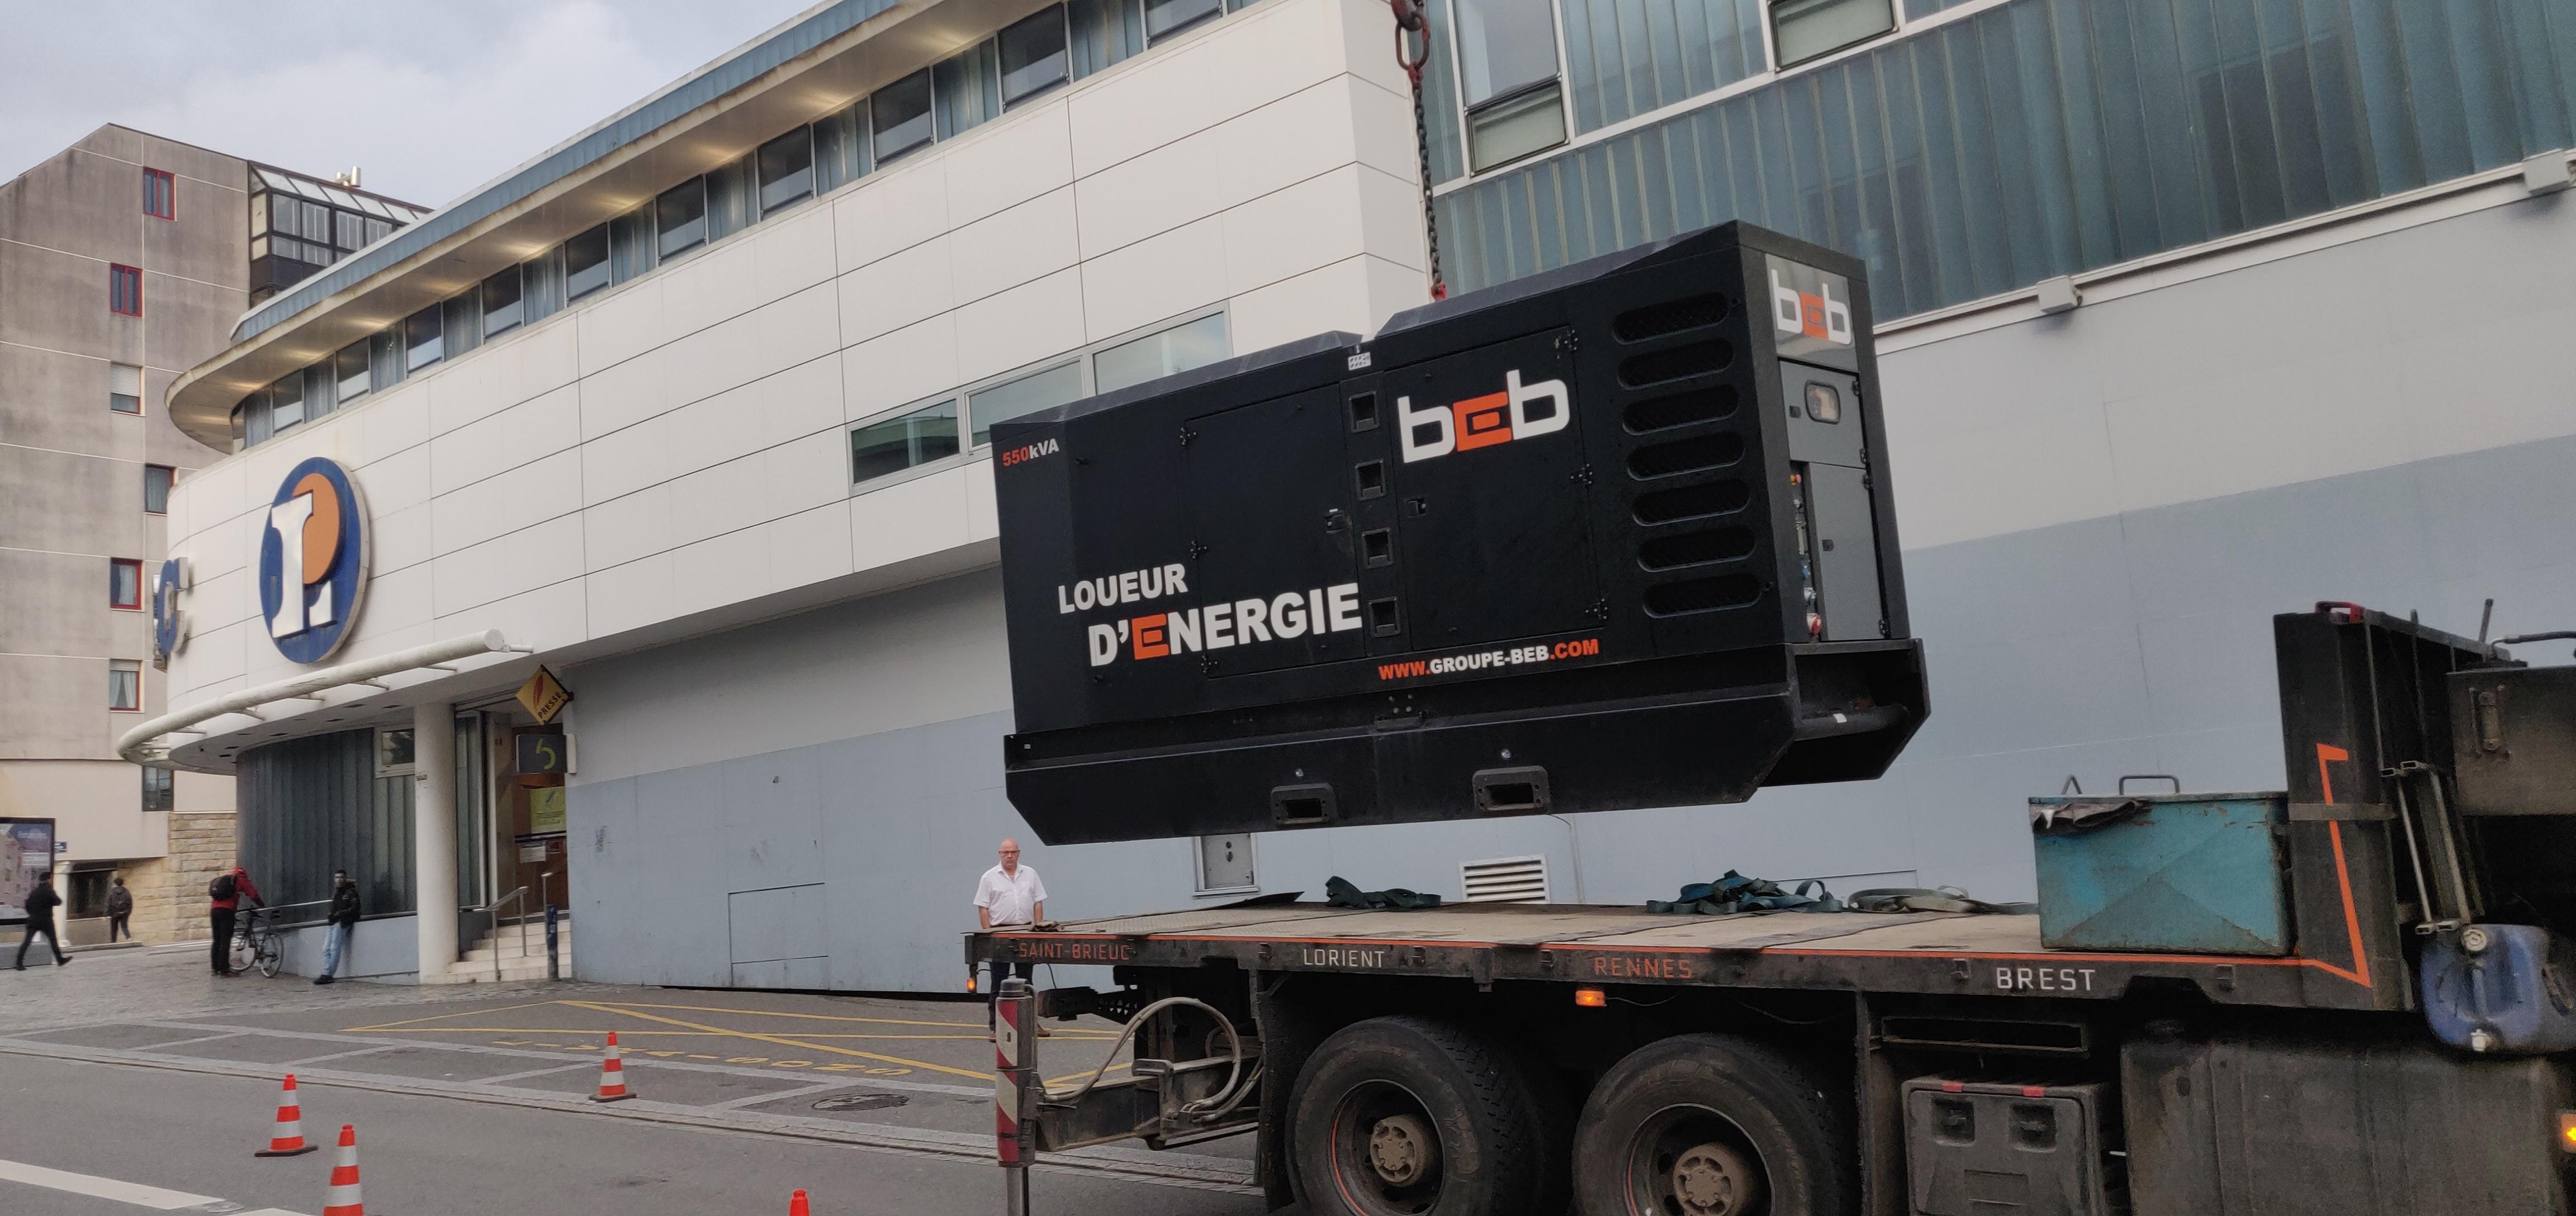 Urgence Centre Leclerc De Brest Beb